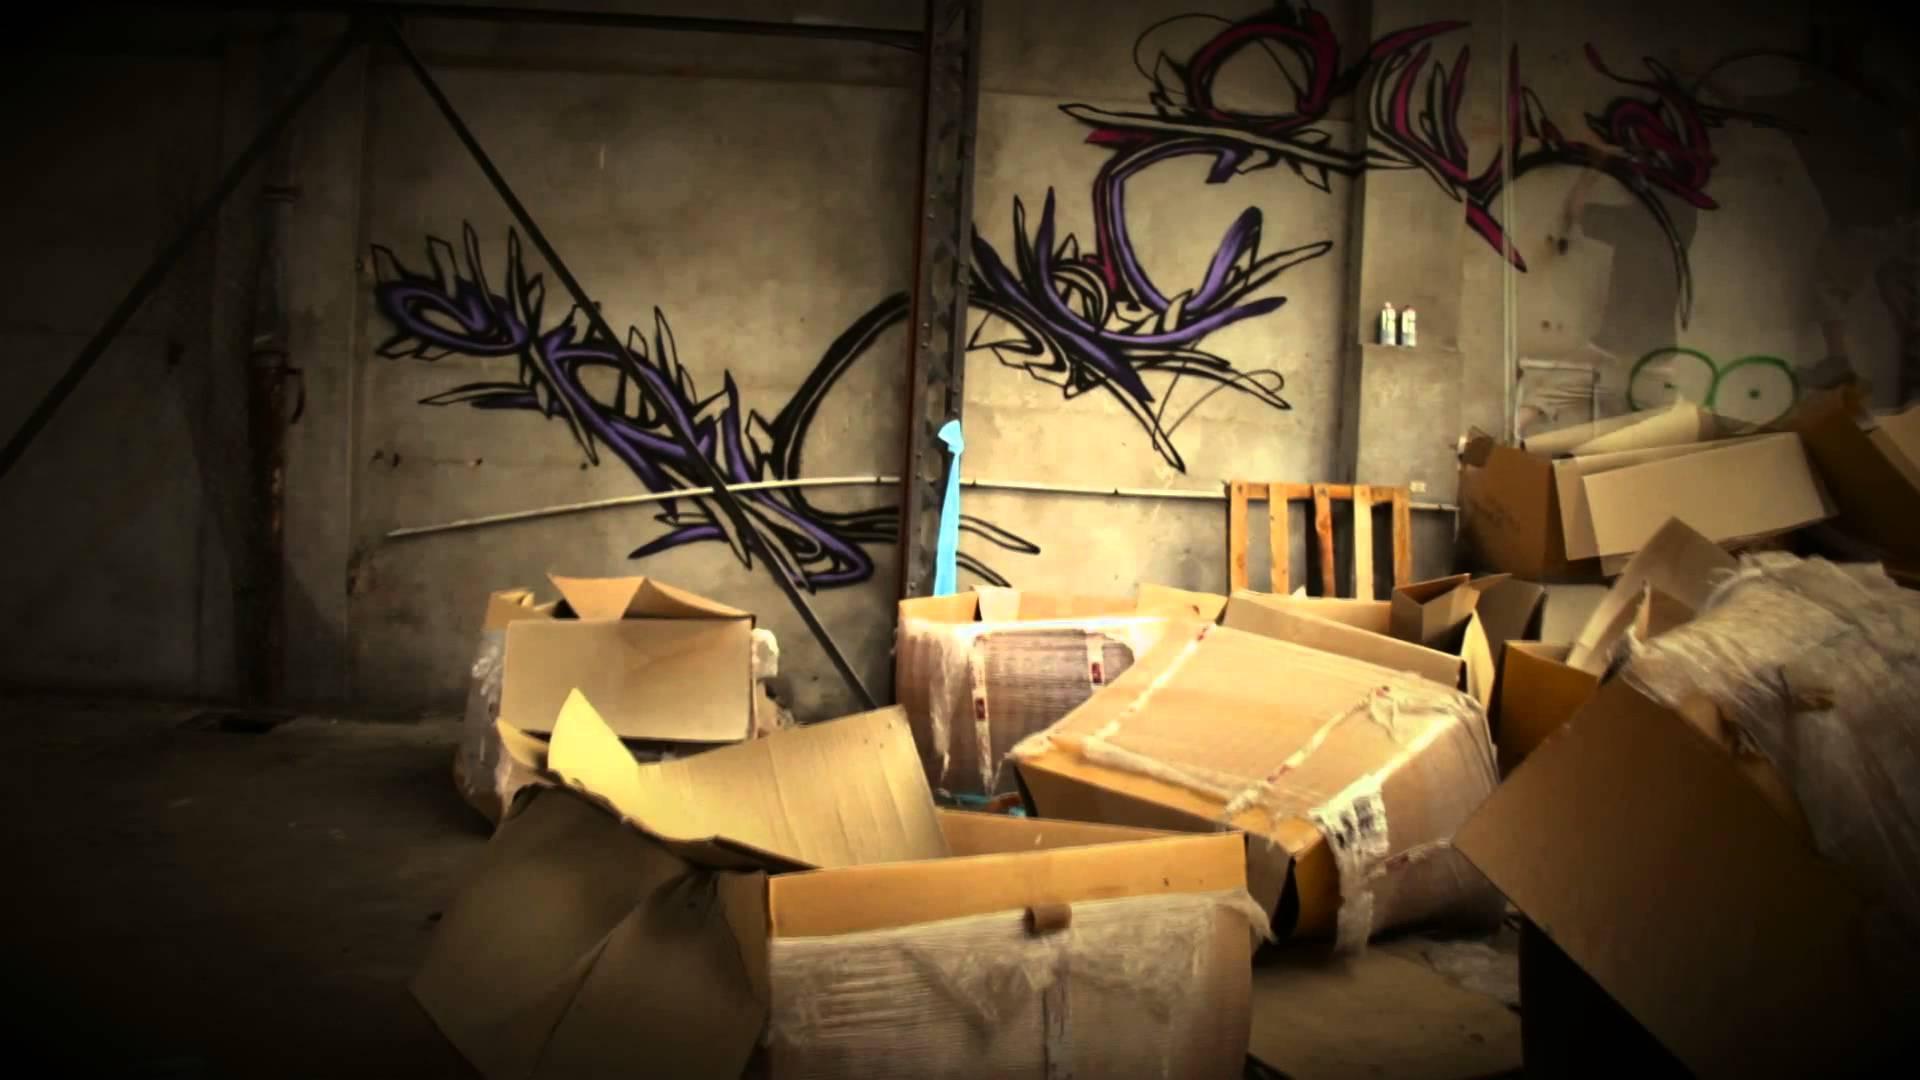 VIDEO: Pogledajmo rad graffiti umjetnika iz Toulousea